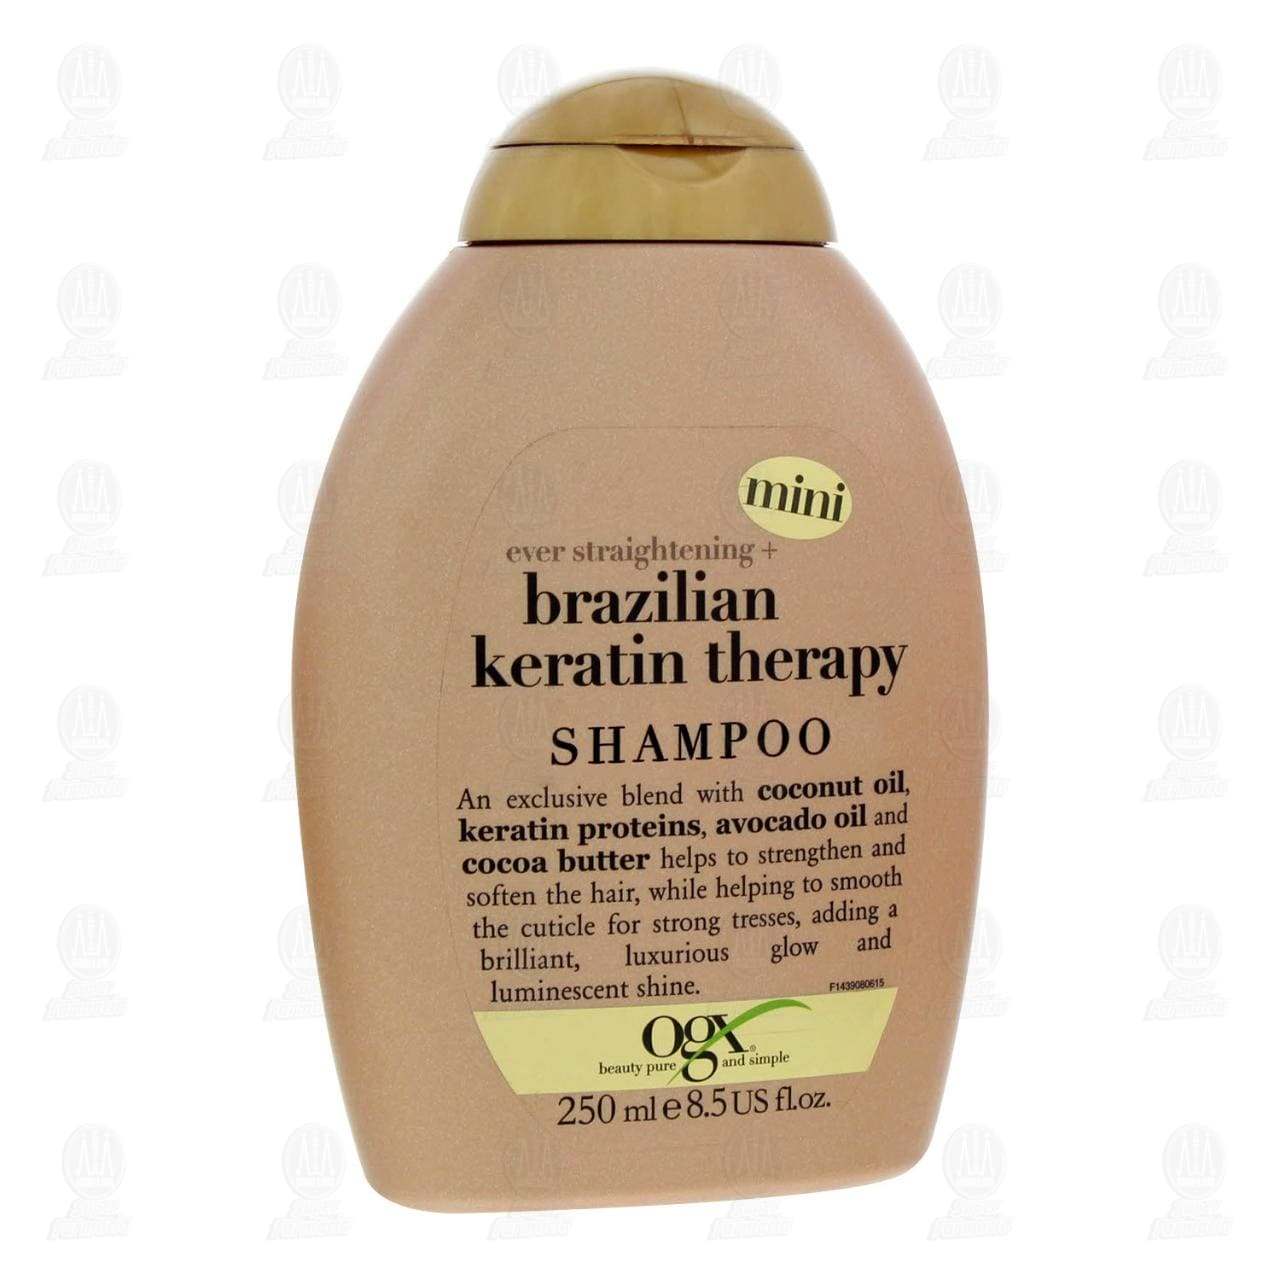 comprar https://www.movil.farmaciasguadalajara.com/wcsstore/FGCAS/wcs/products/1345559_A_1280_AL.jpg en farmacias guadalajara